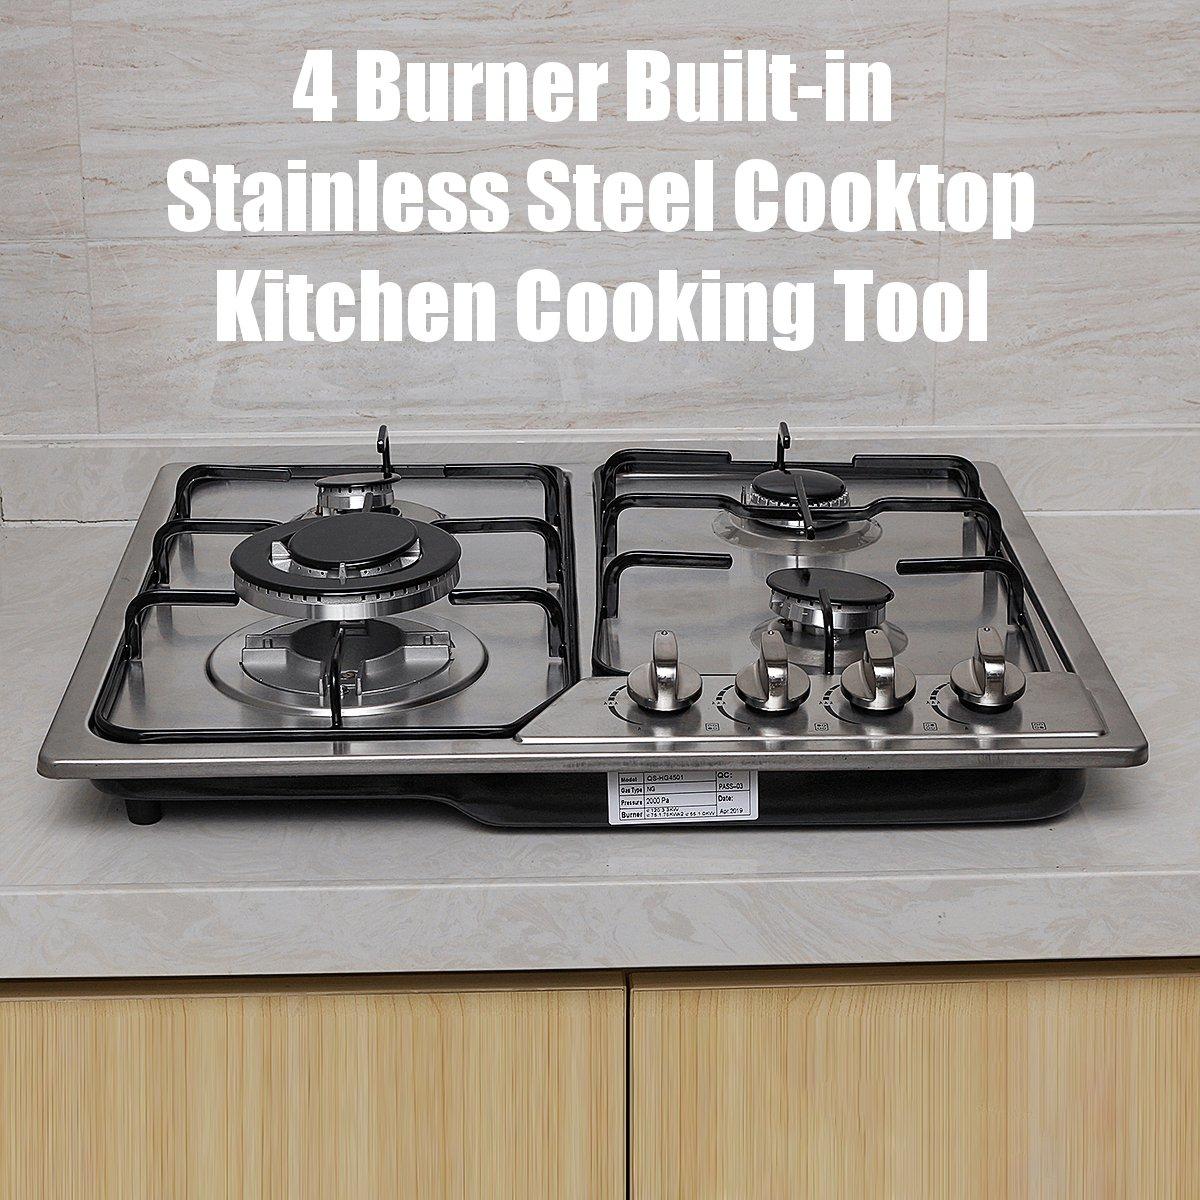 Table de cuisson 4 feux encastrable 58x50cm poêles à gaz inox plaque de cuisson gaz naturel appareil de cuisine cuisinière à gaz batterie de cuisine